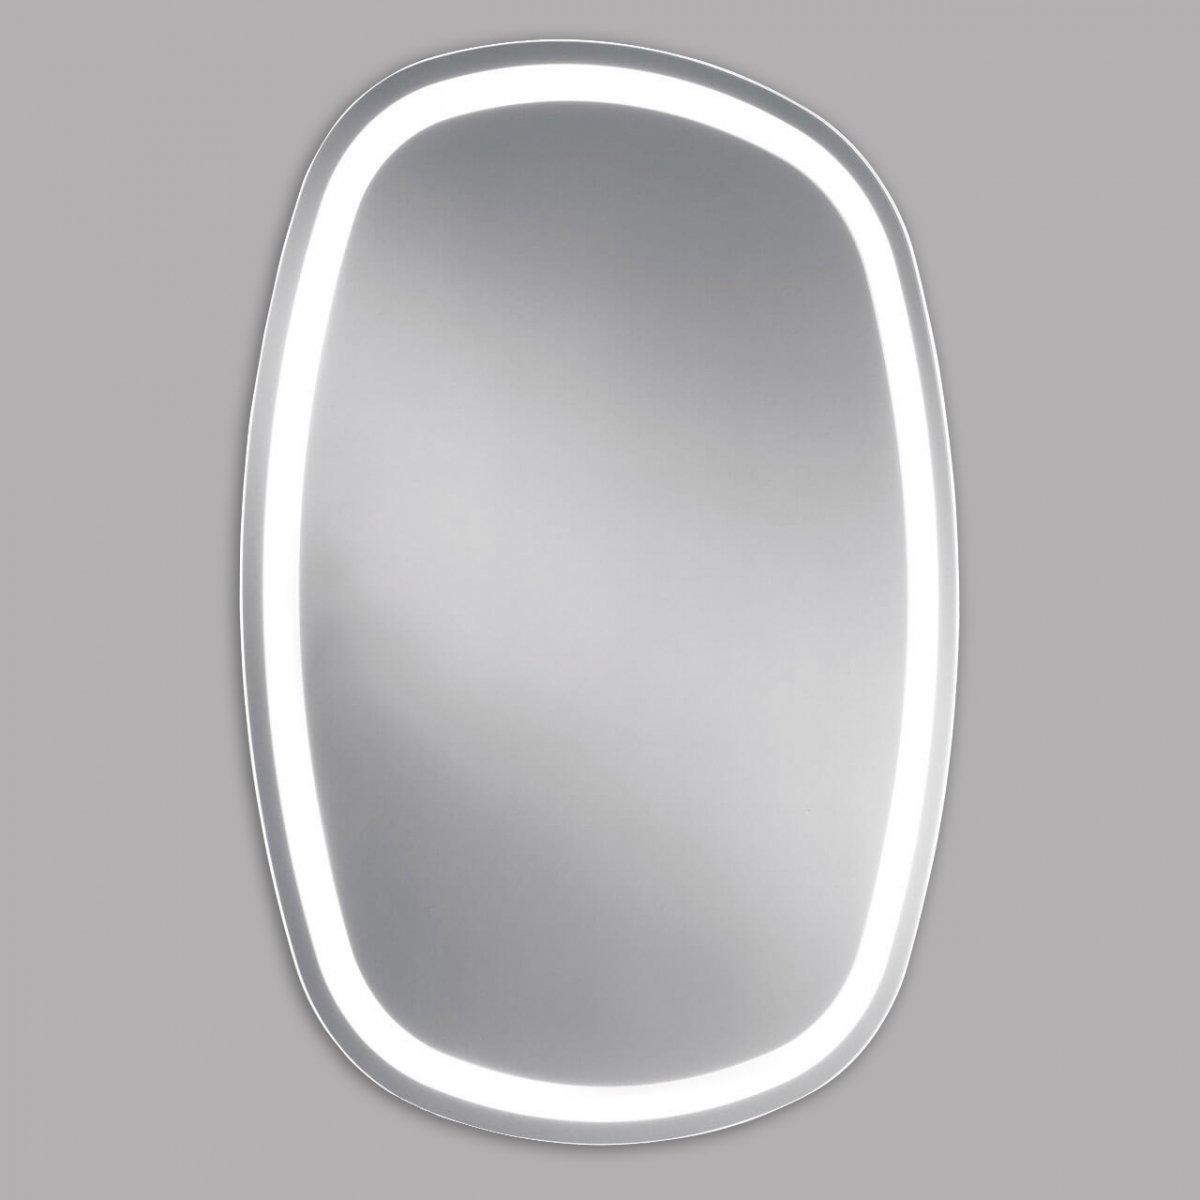 Specchio Sogno